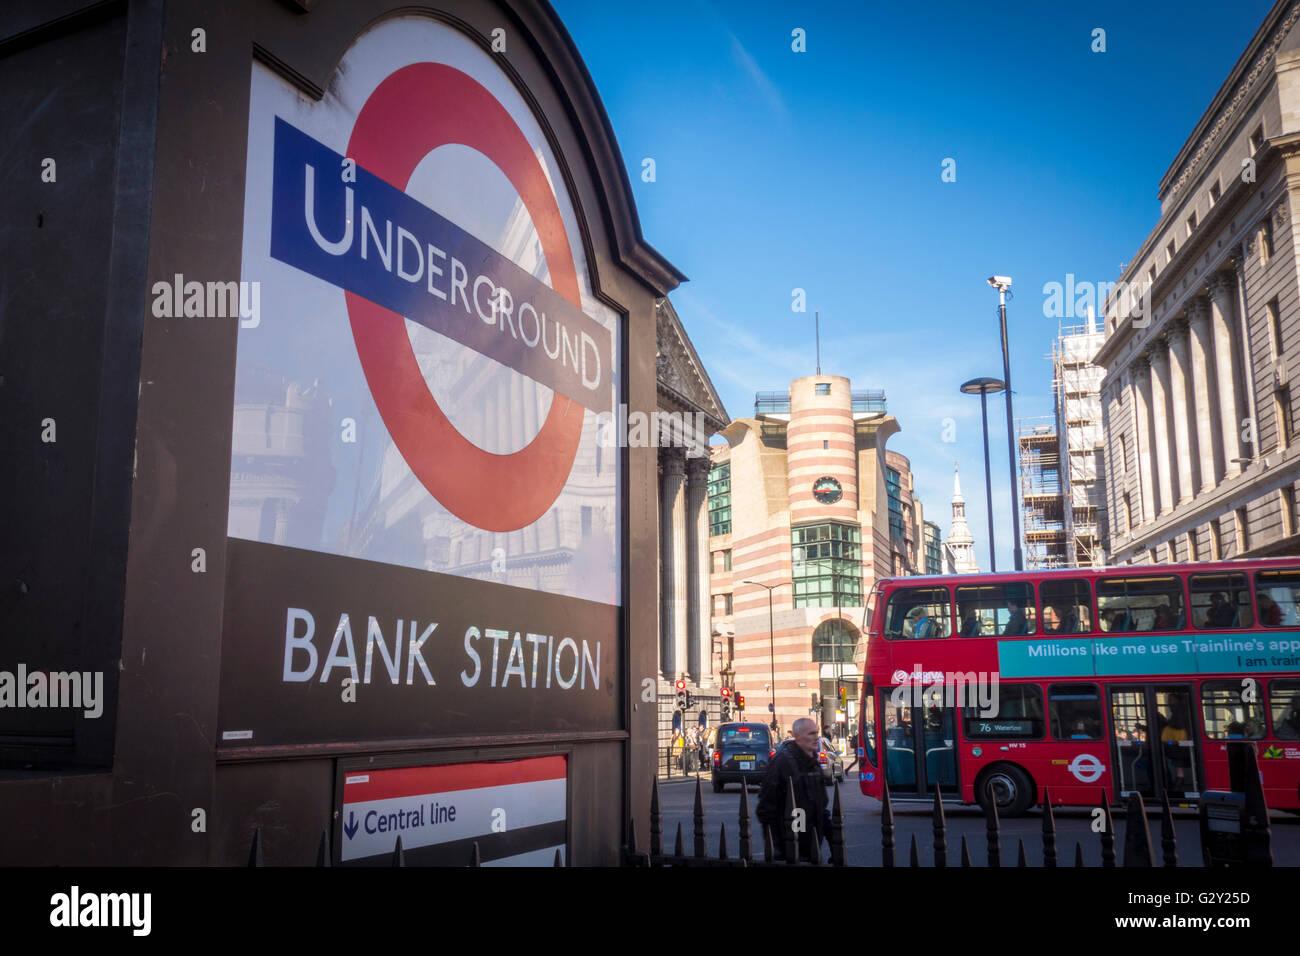 Bank Underground Station sign, City of London, UK - Stock Image